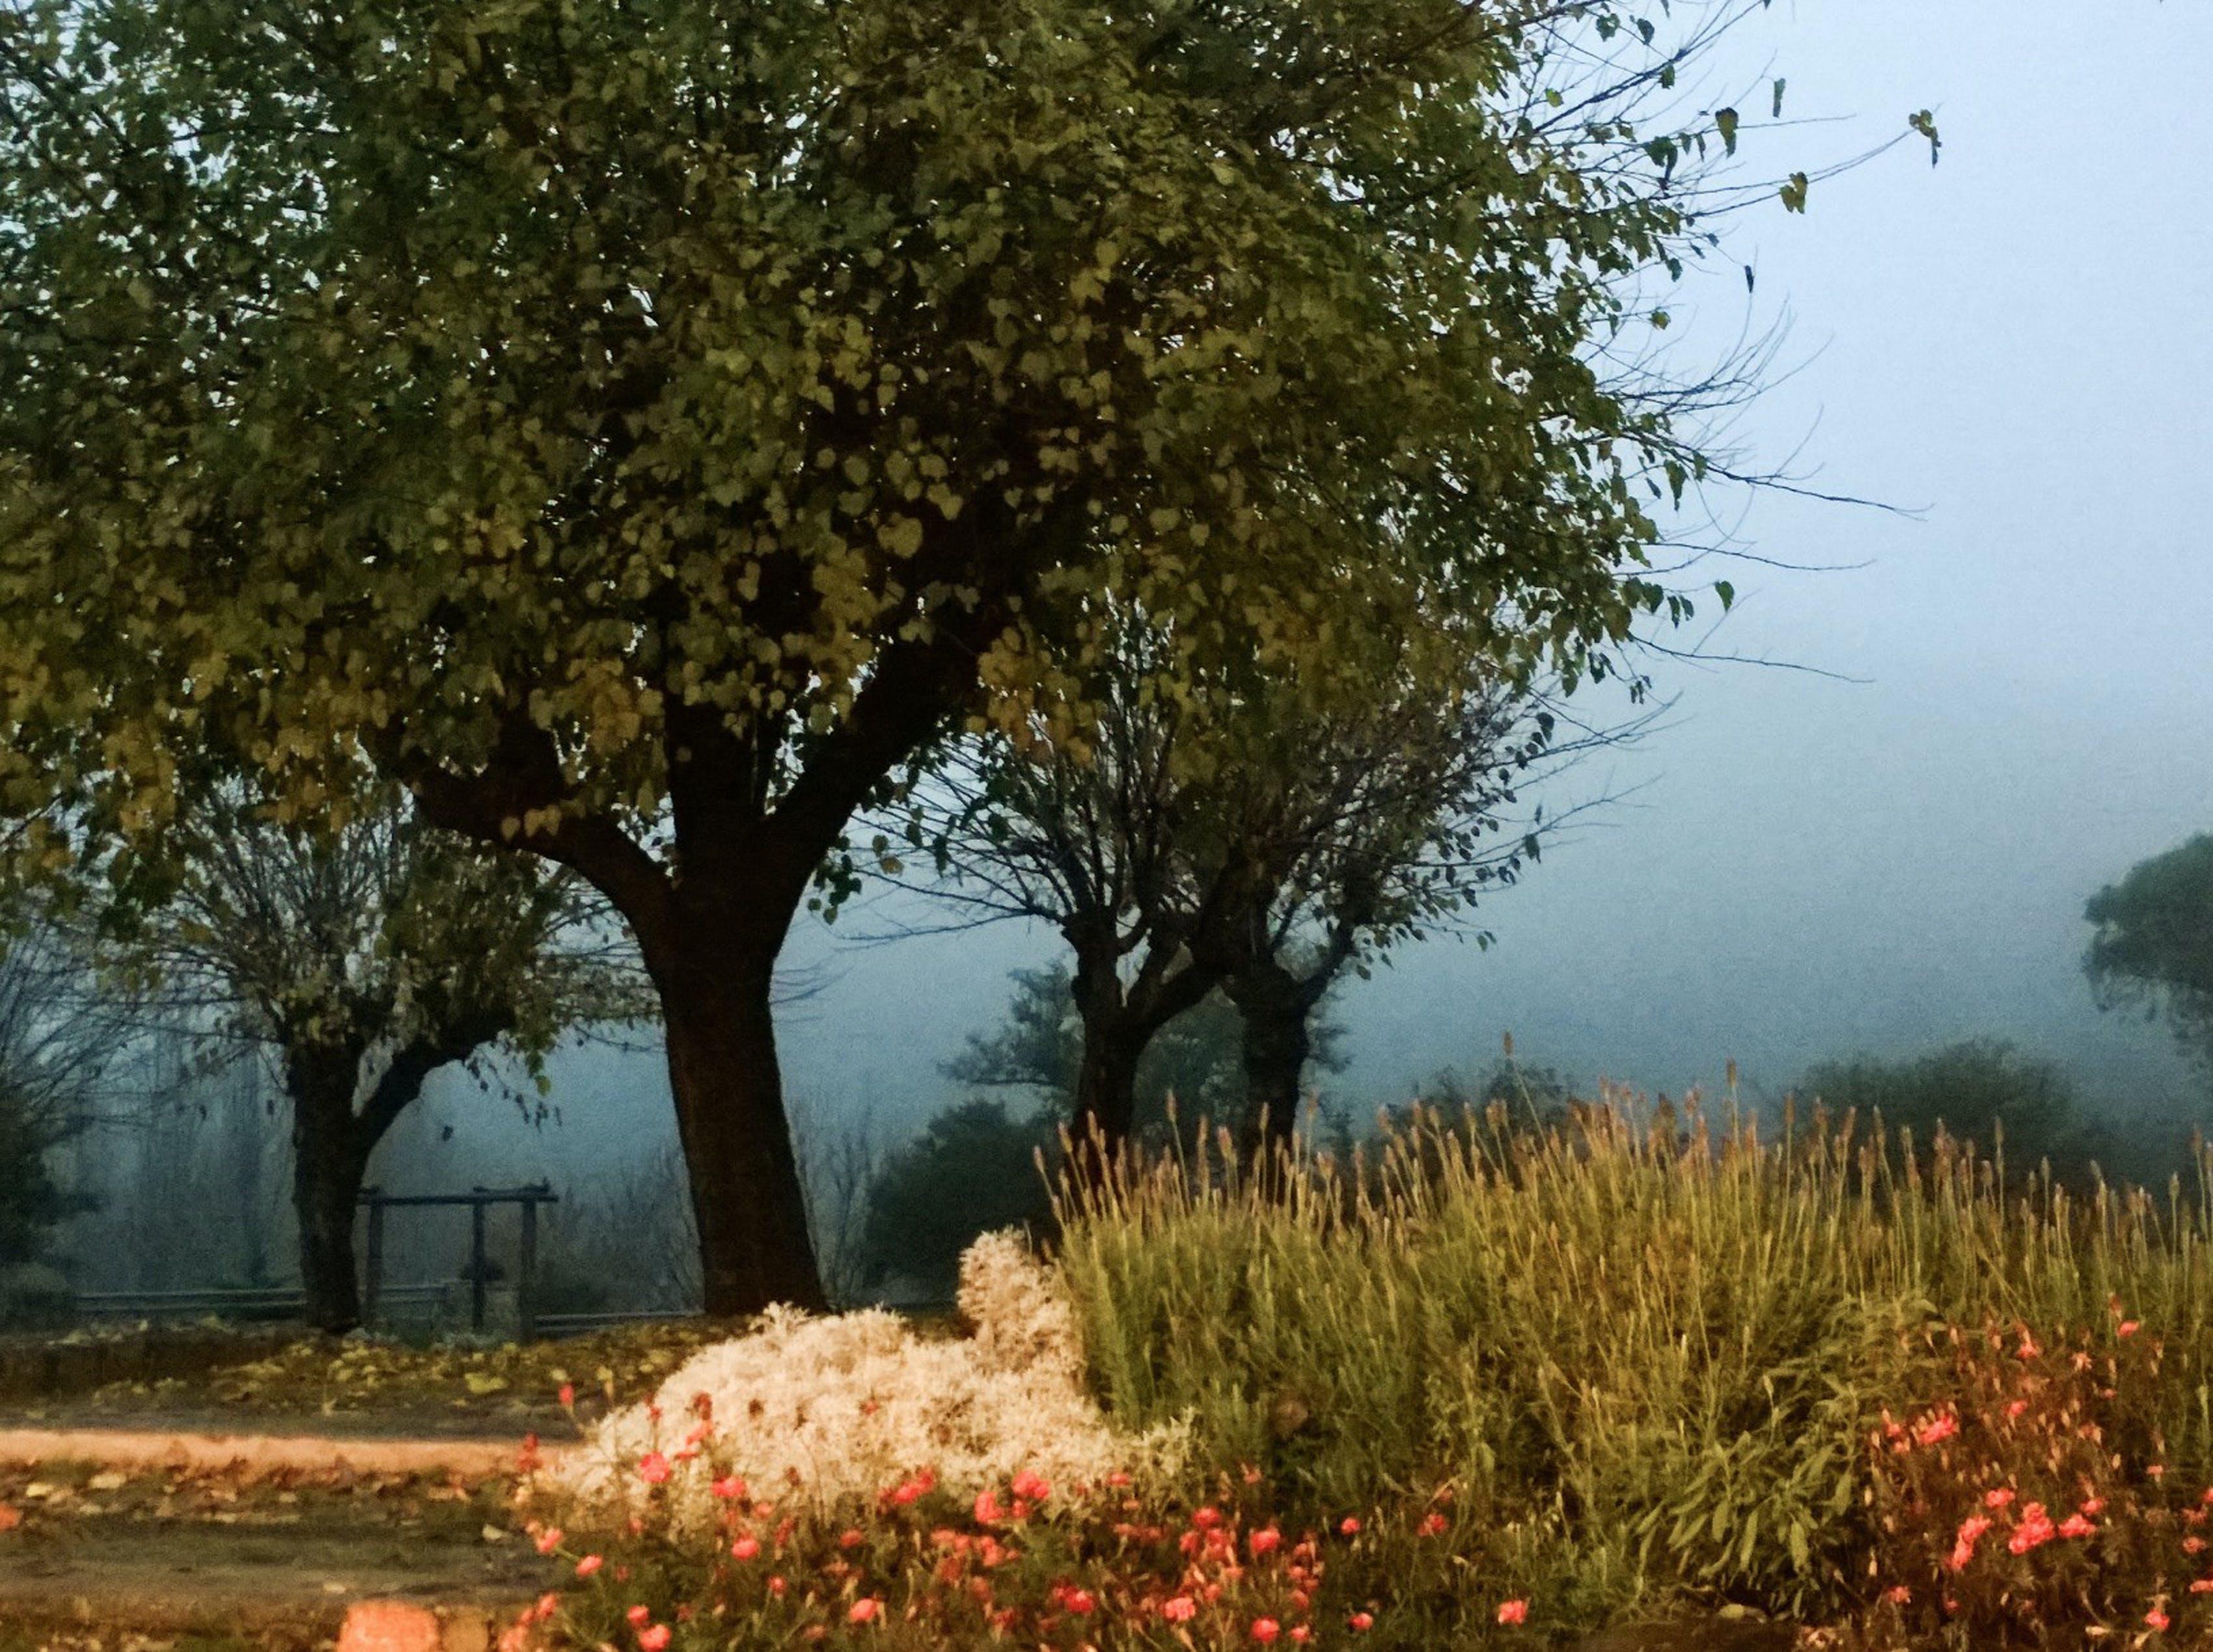 Δωρεάν στοκ φωτογραφιών με δέντρο, ομίχλη, τοπίο, φύση